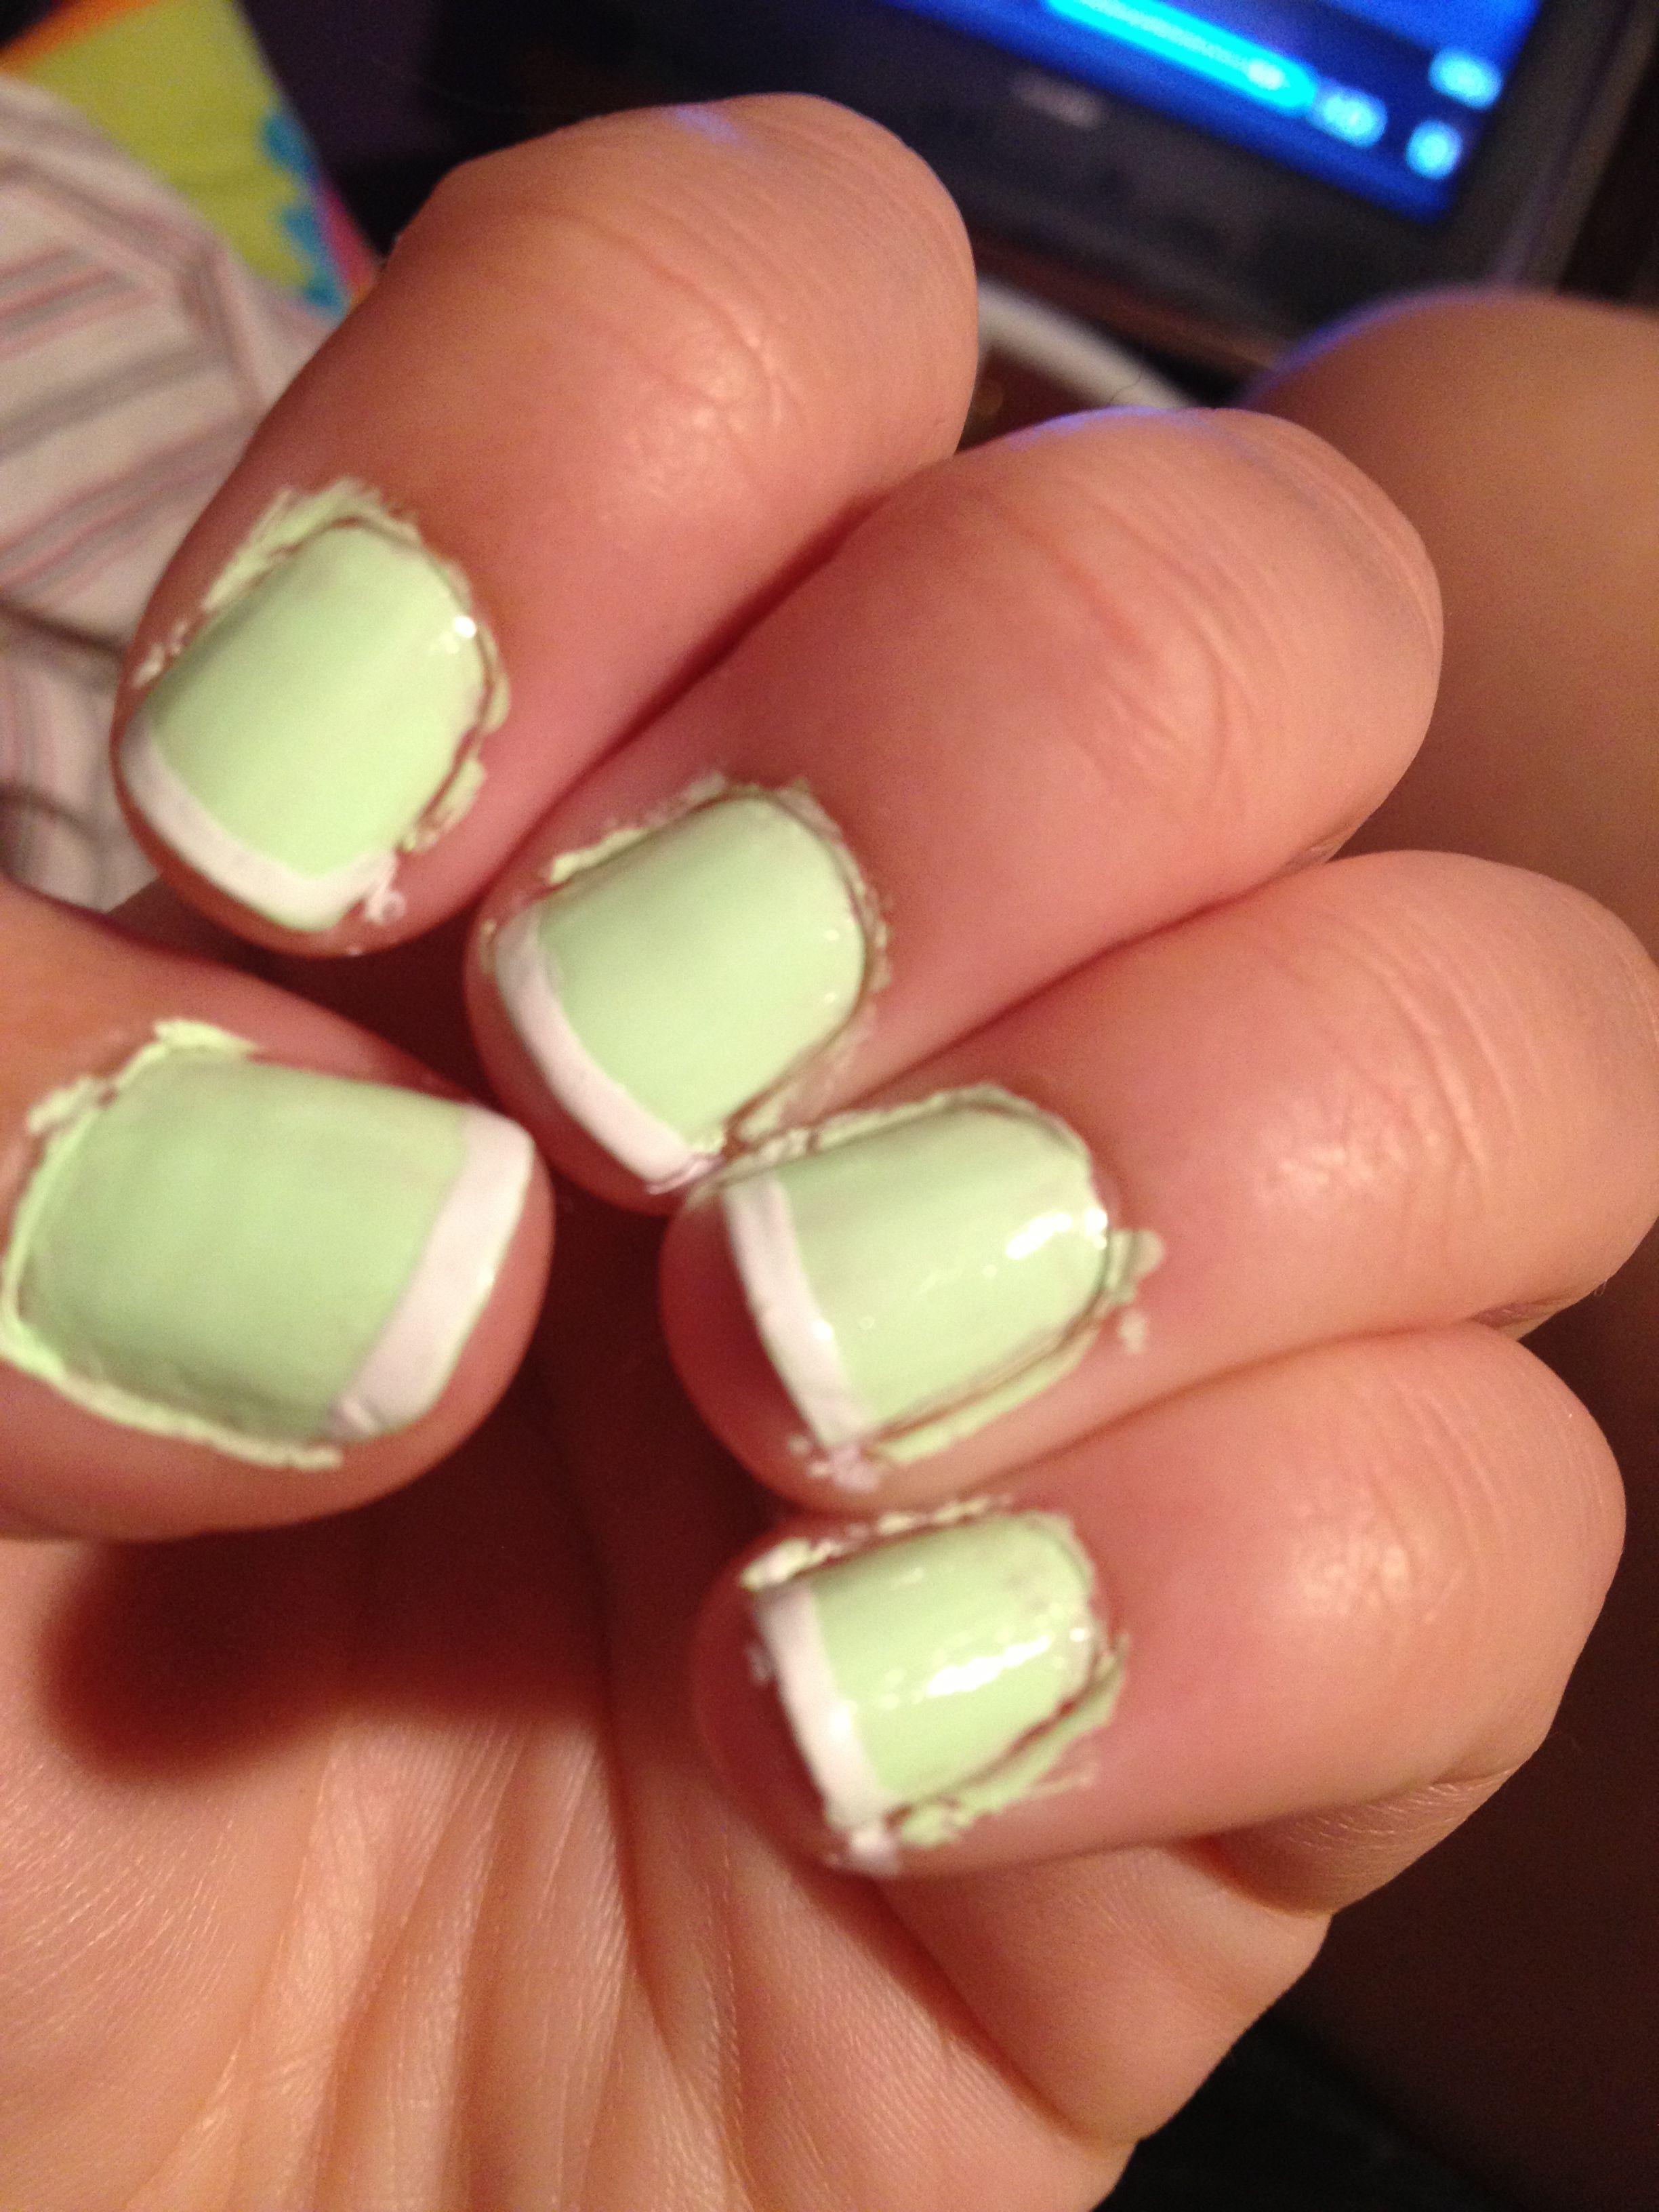 May nails | May nails, Nails, Nail art